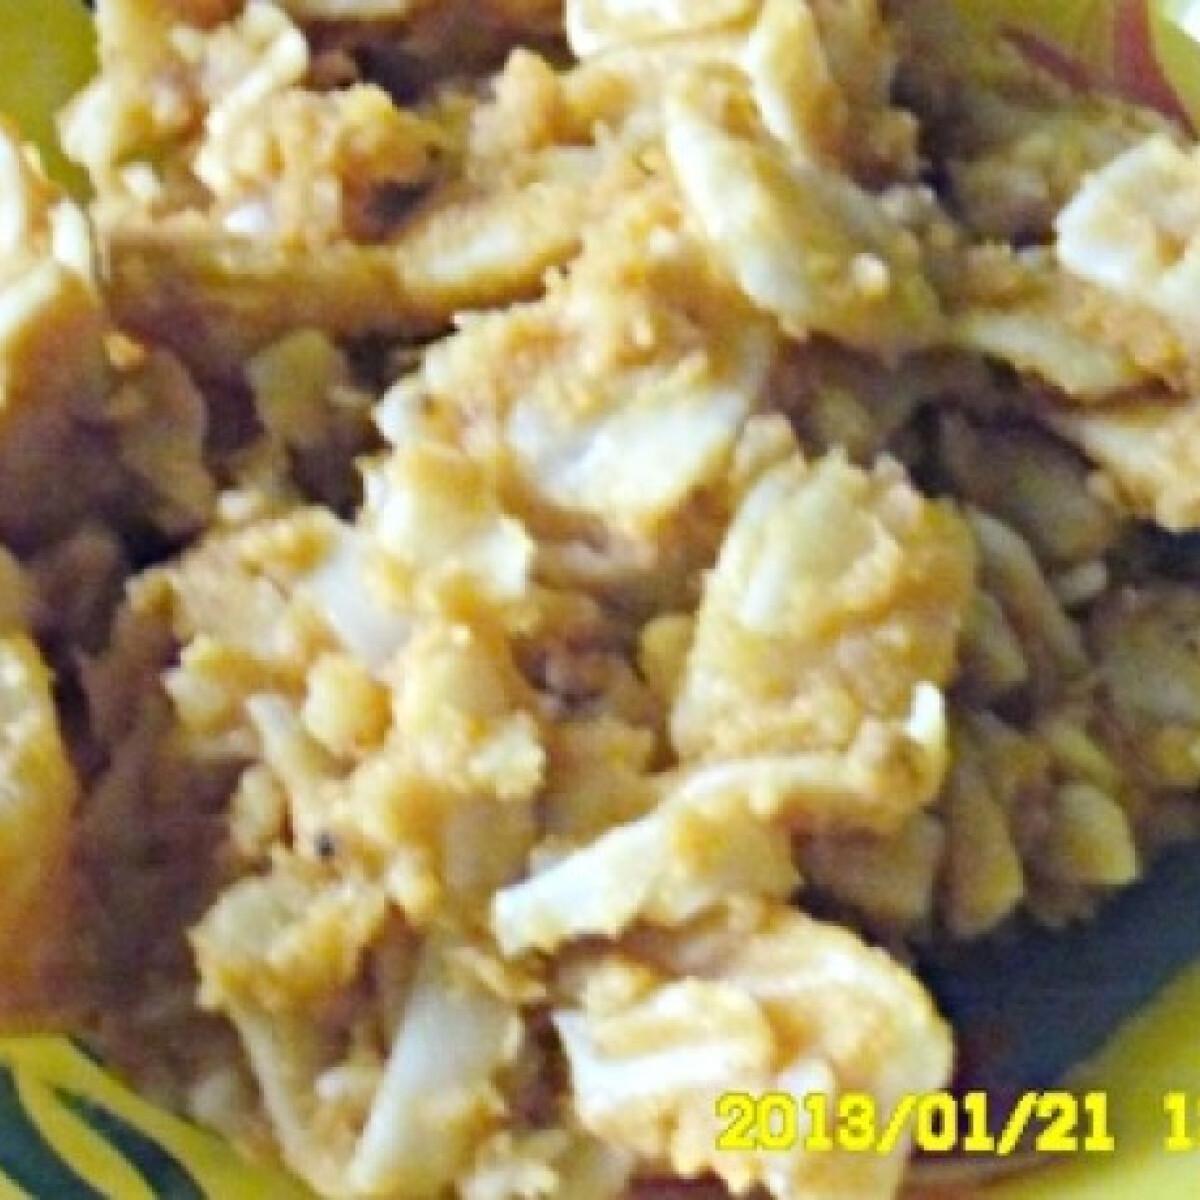 Ezen a képen: Krumplis tészta ahogy helena készíti